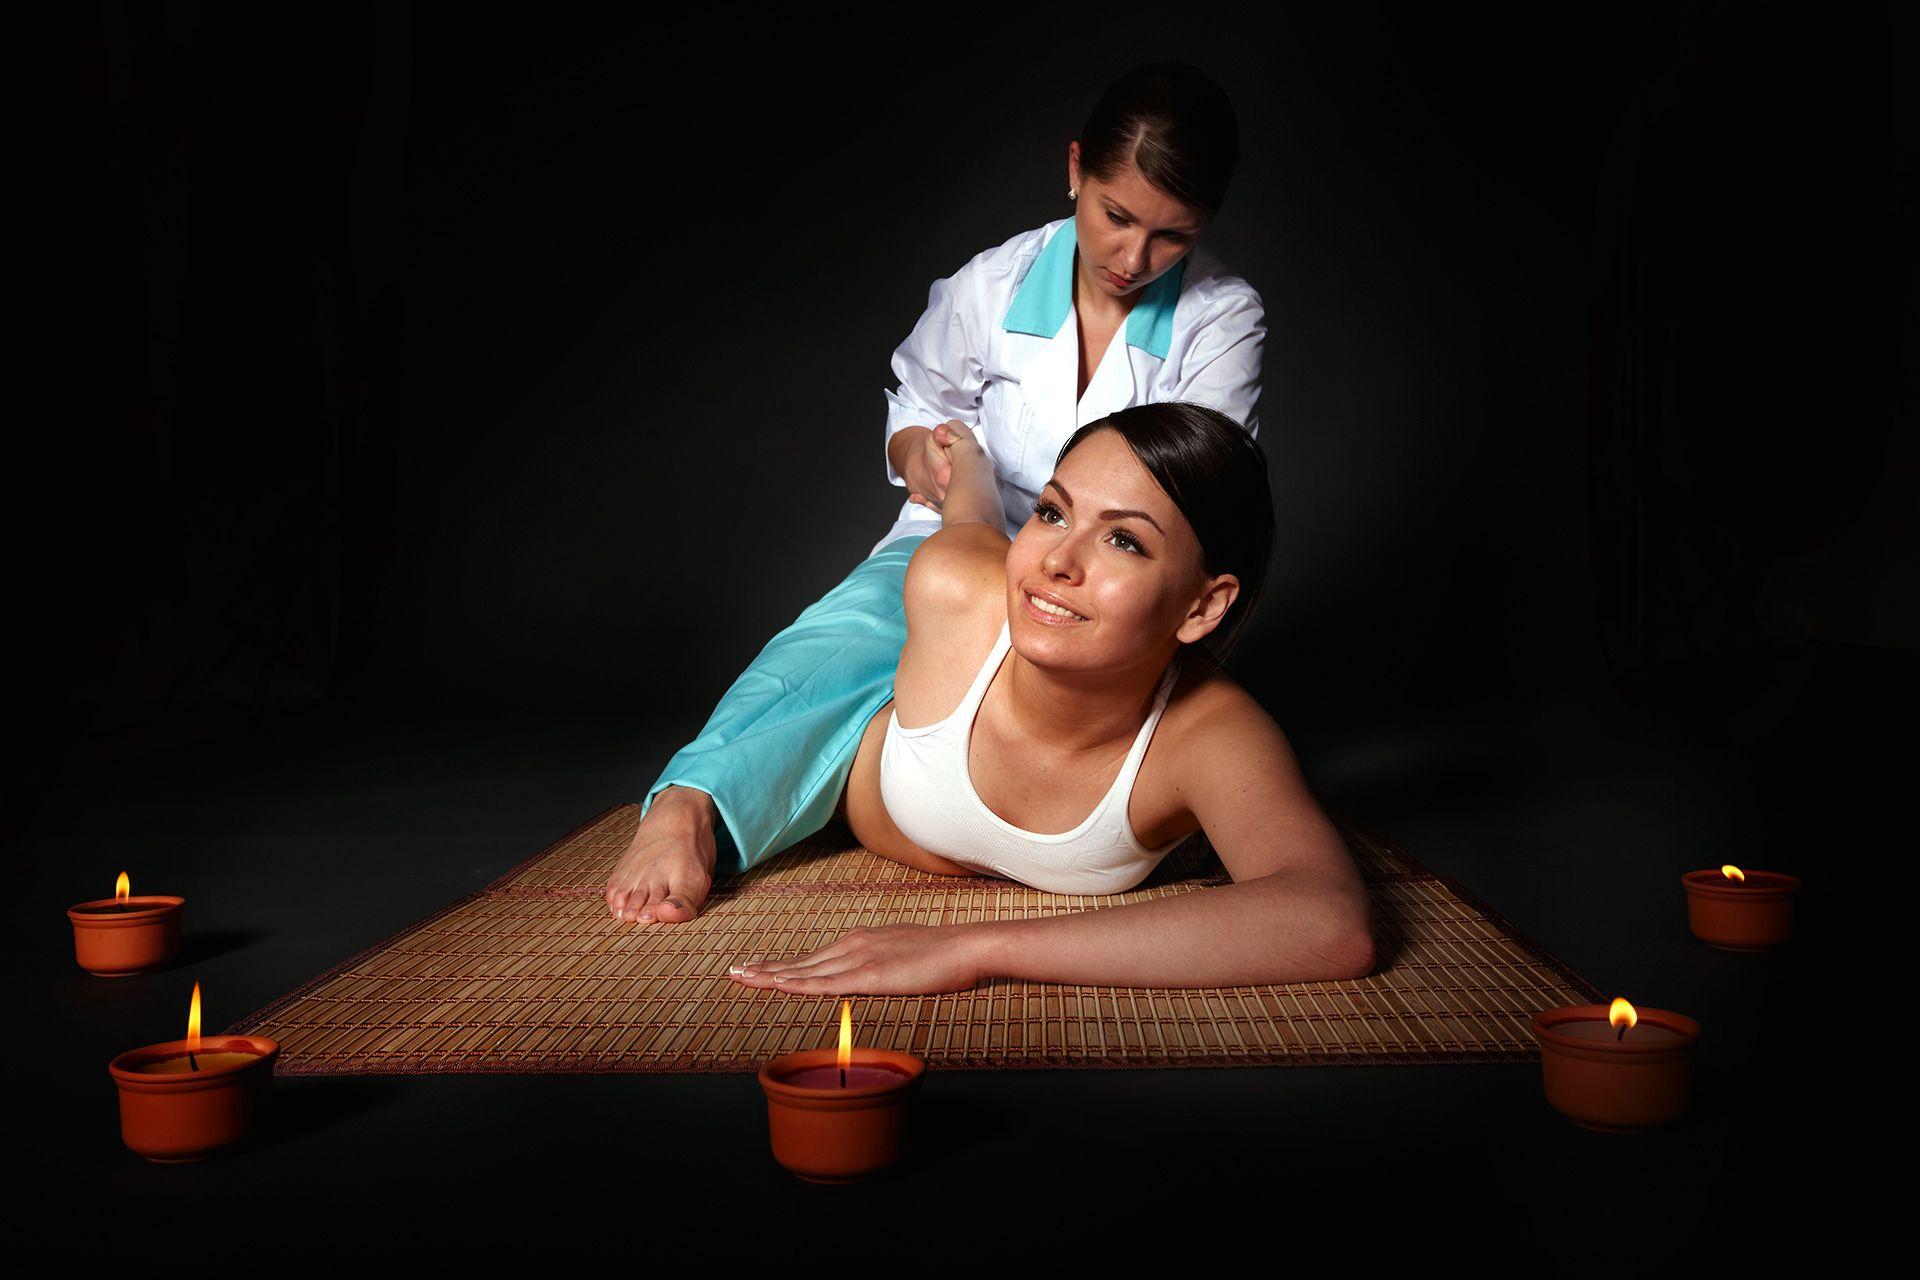 lekker vrouwen erotische thai massage chemnitz